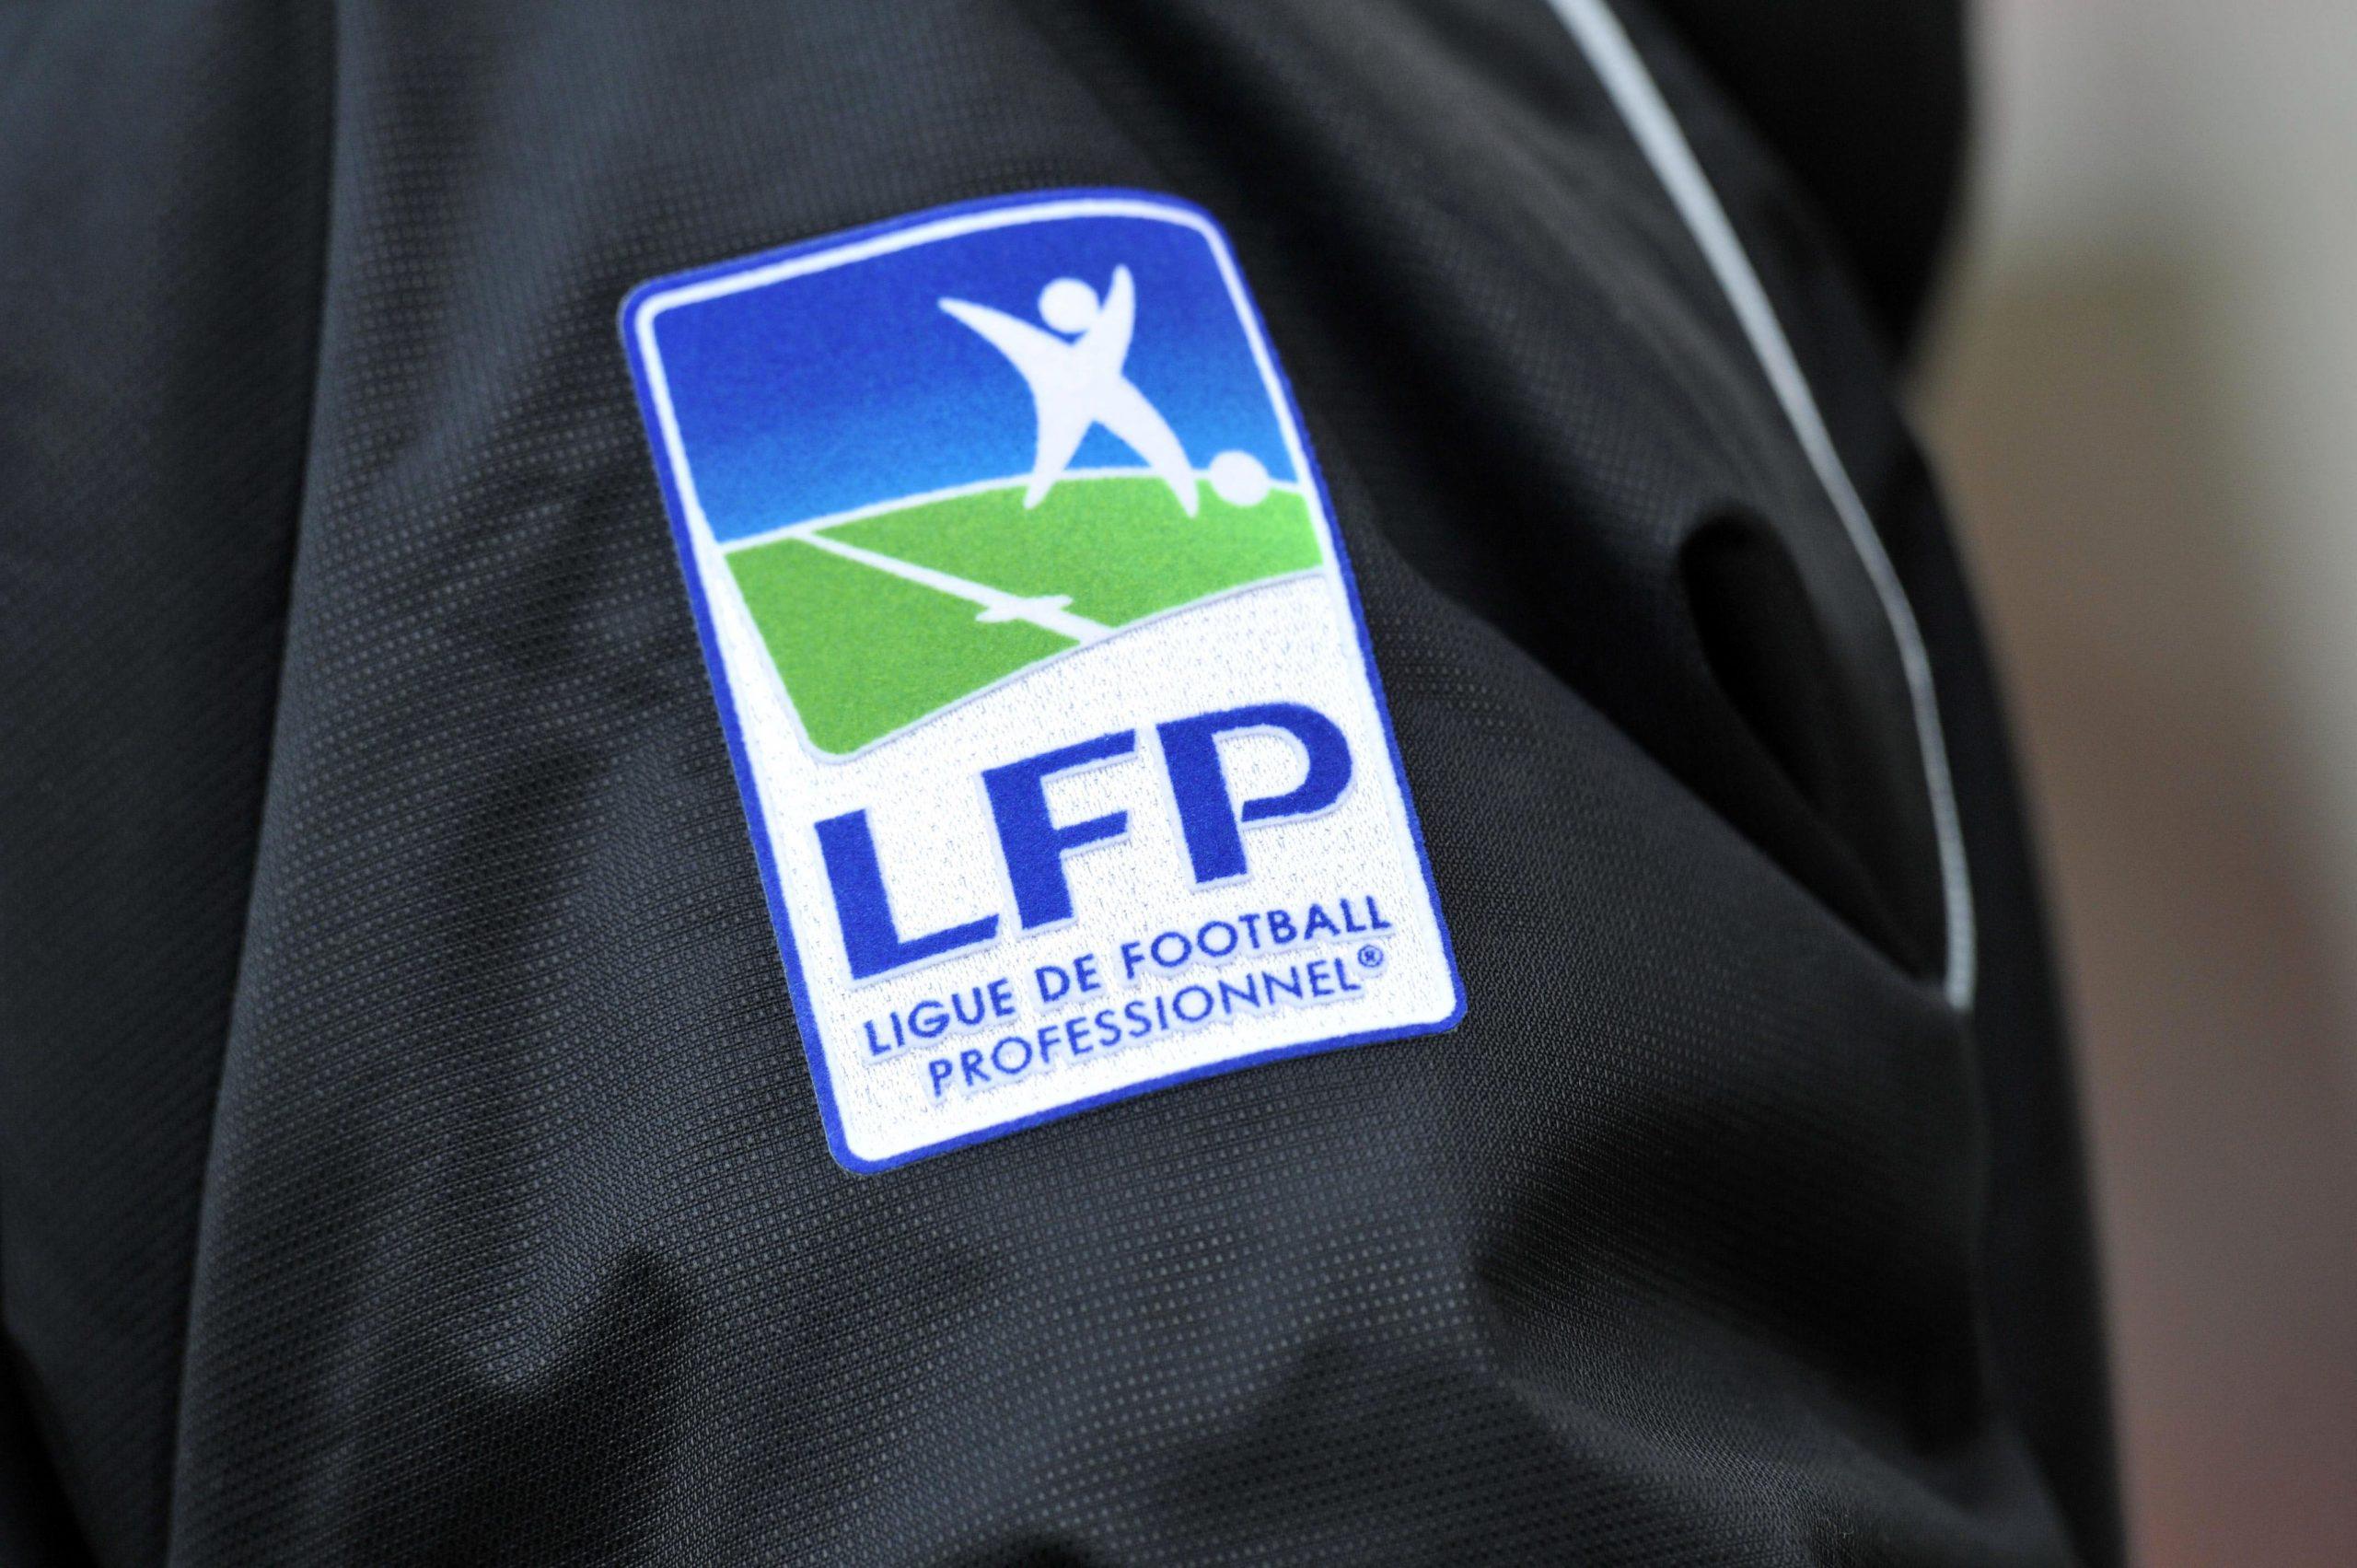 Officiel - Tous les matchs de Ligue 1 et de Ligue 2 à huis clos jusqu'au 15 avril